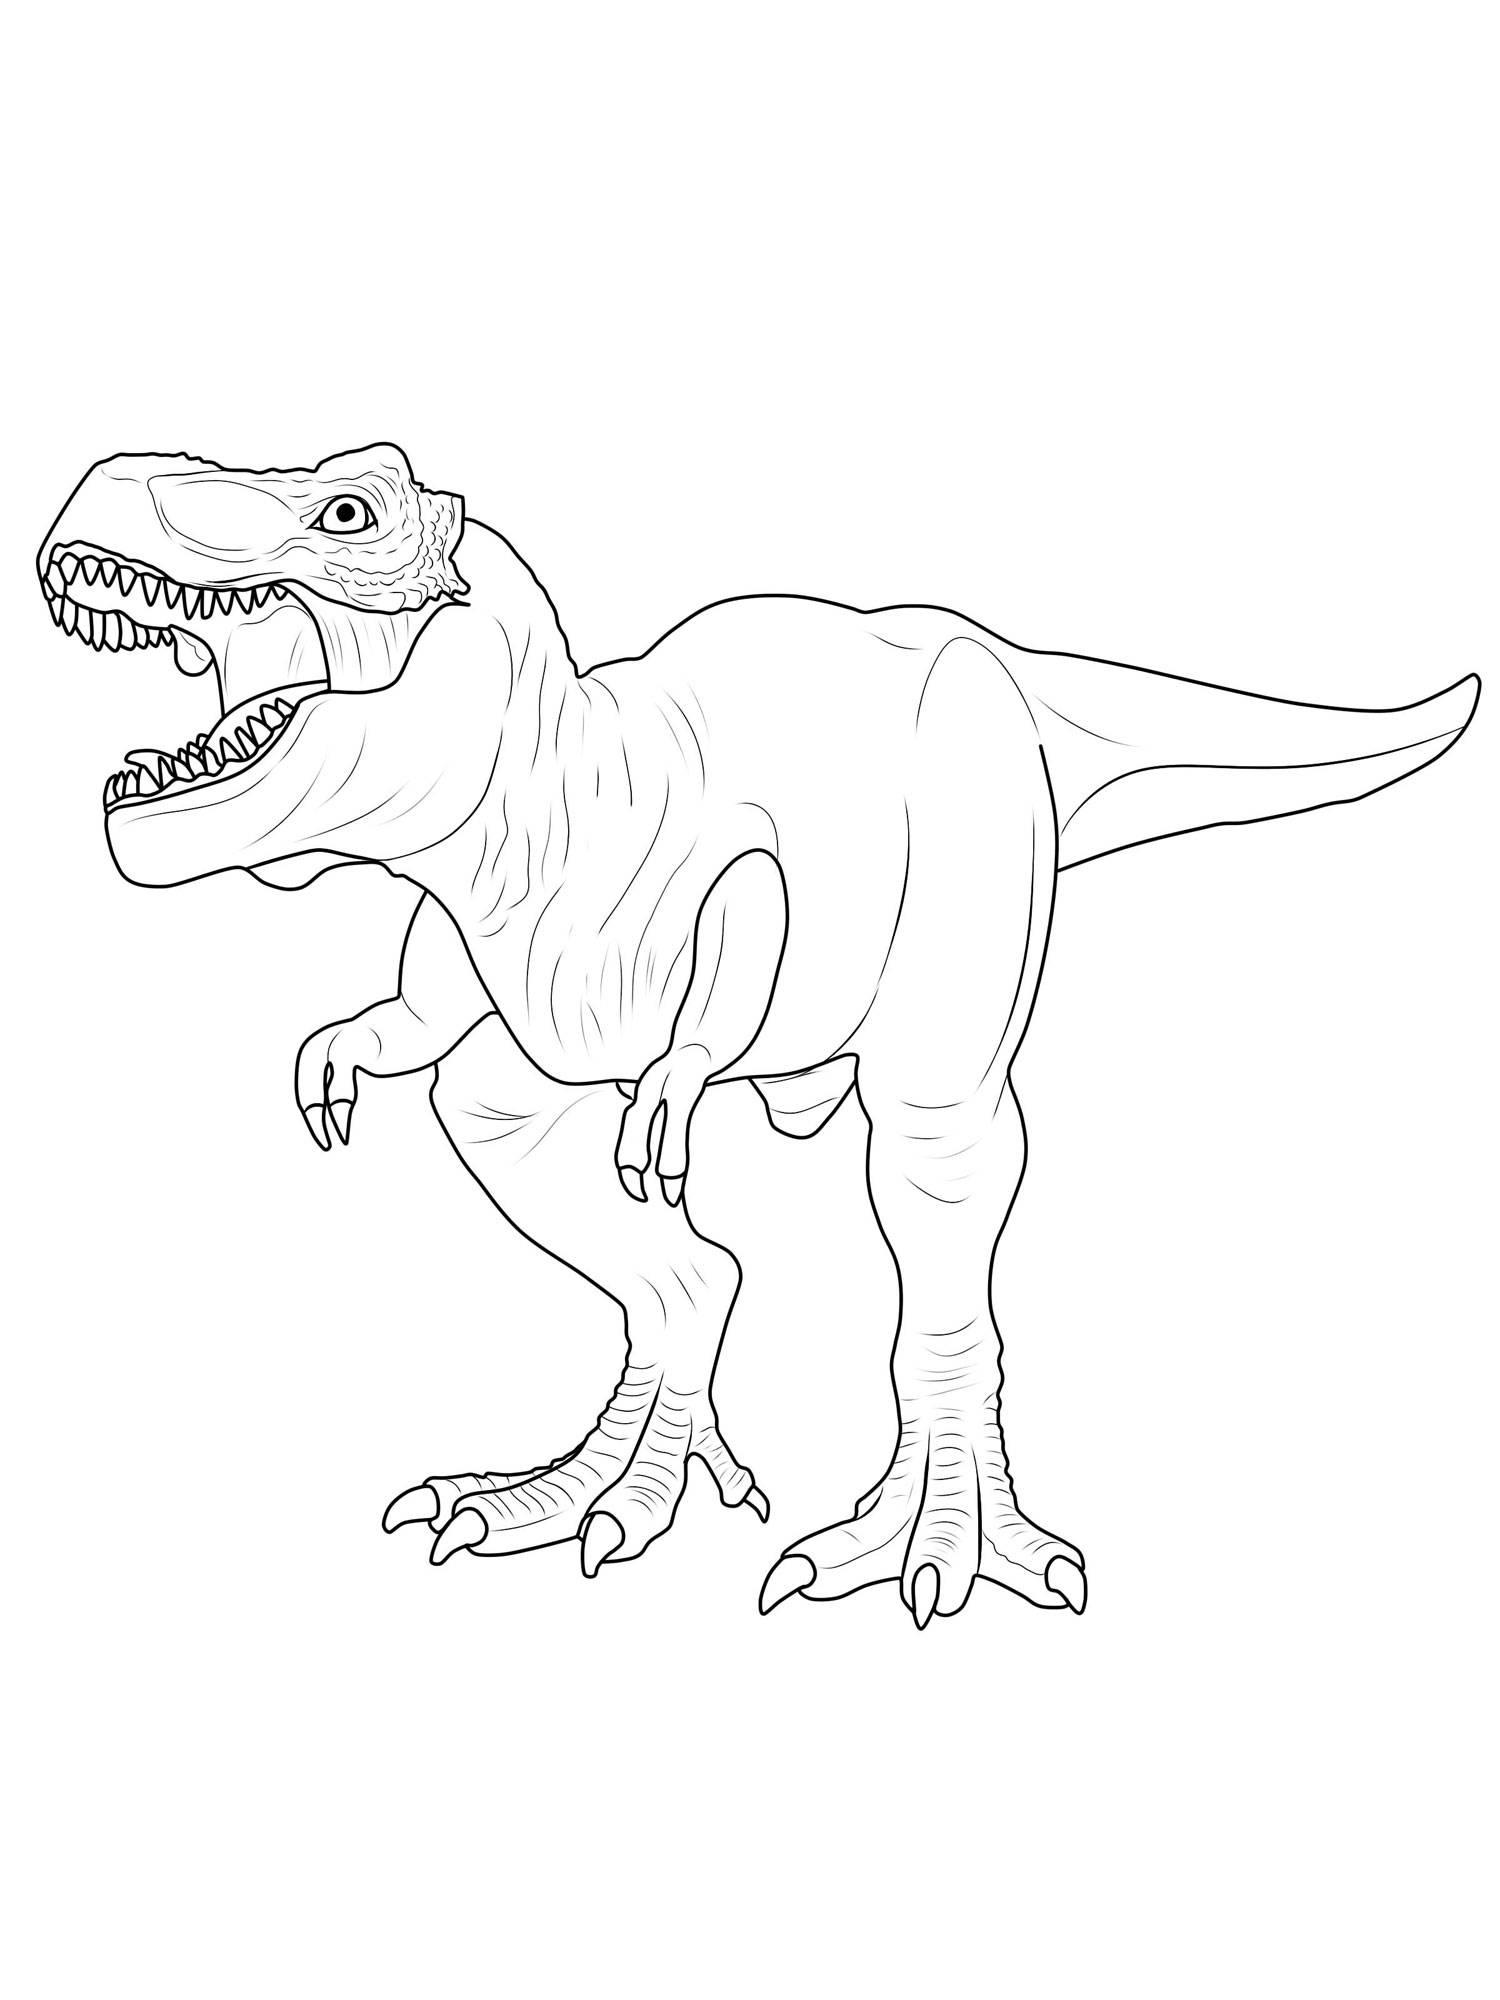 malvorlage dinosaurier zeichnen  malvorlagen kinder